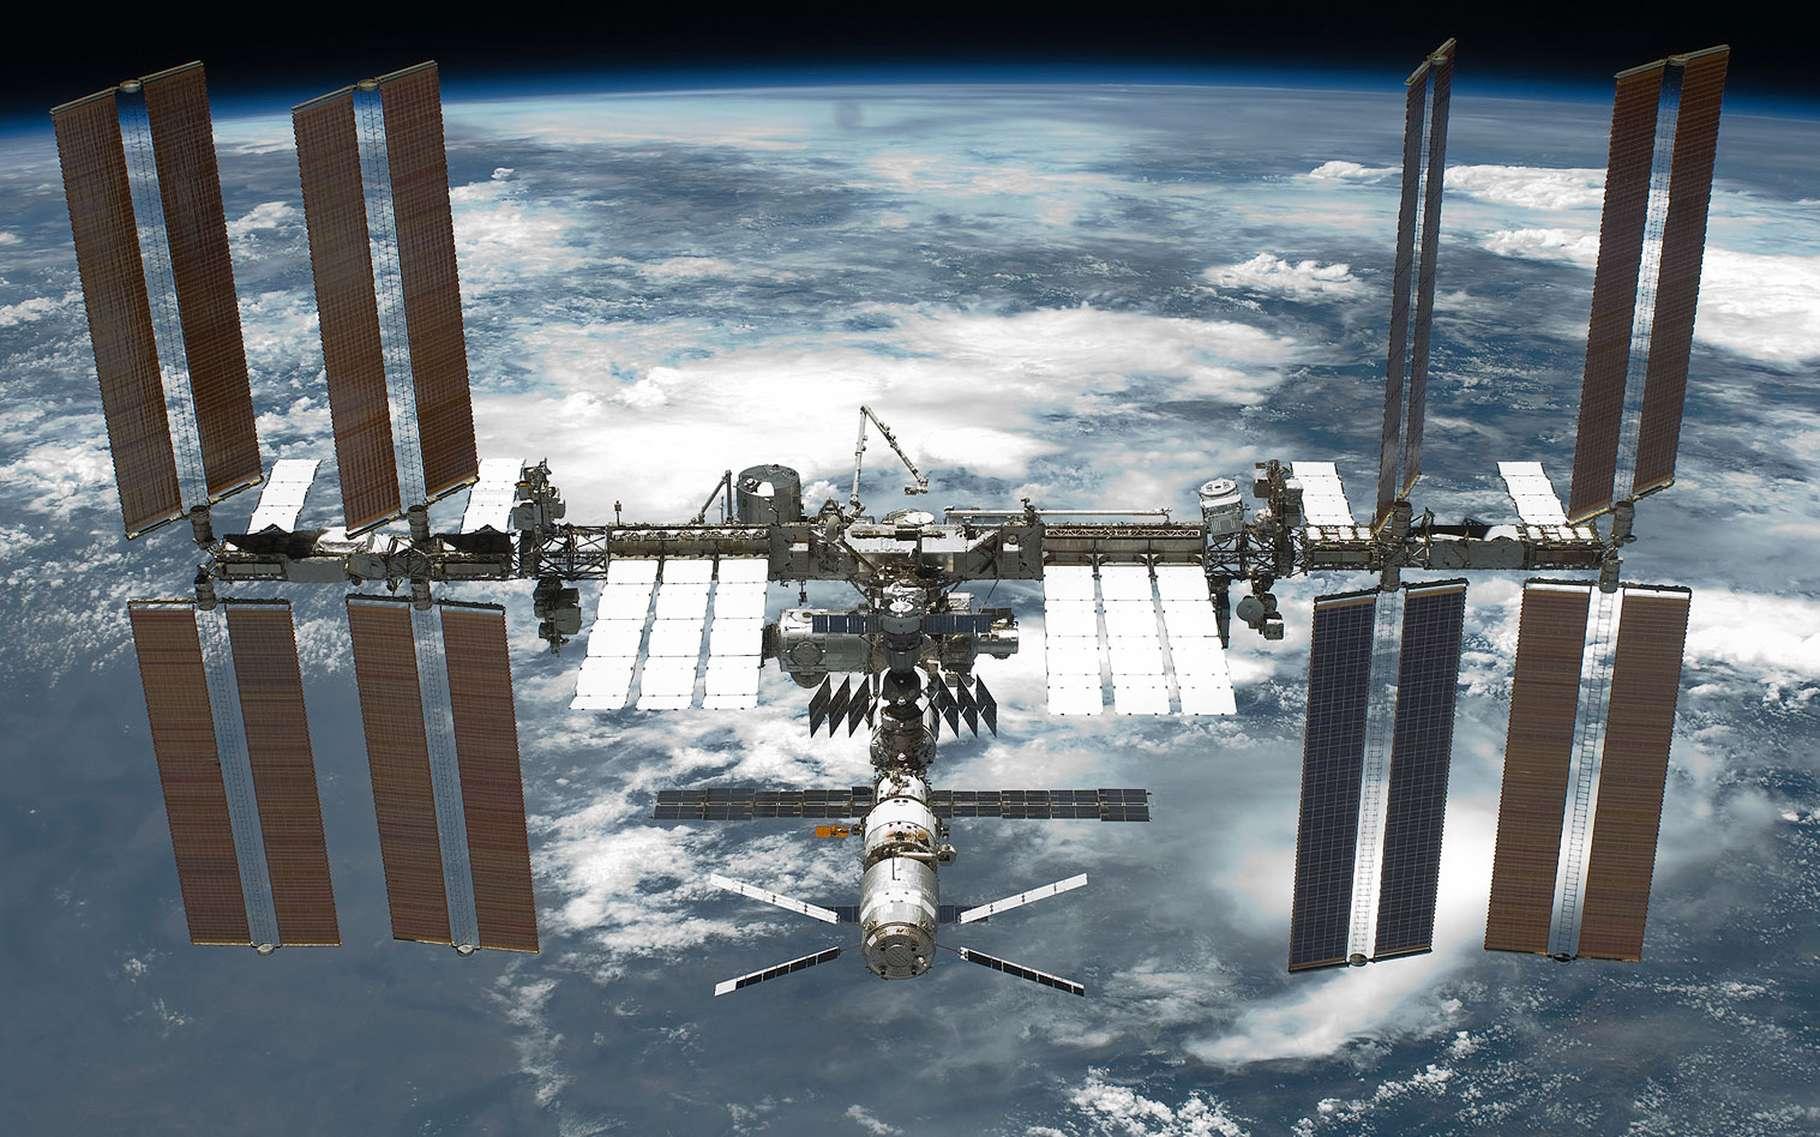 La Station spatiale internationale (ISS) accueille entre trois et six terriens de différentes nationalités sur des périodes variables. © Nasa